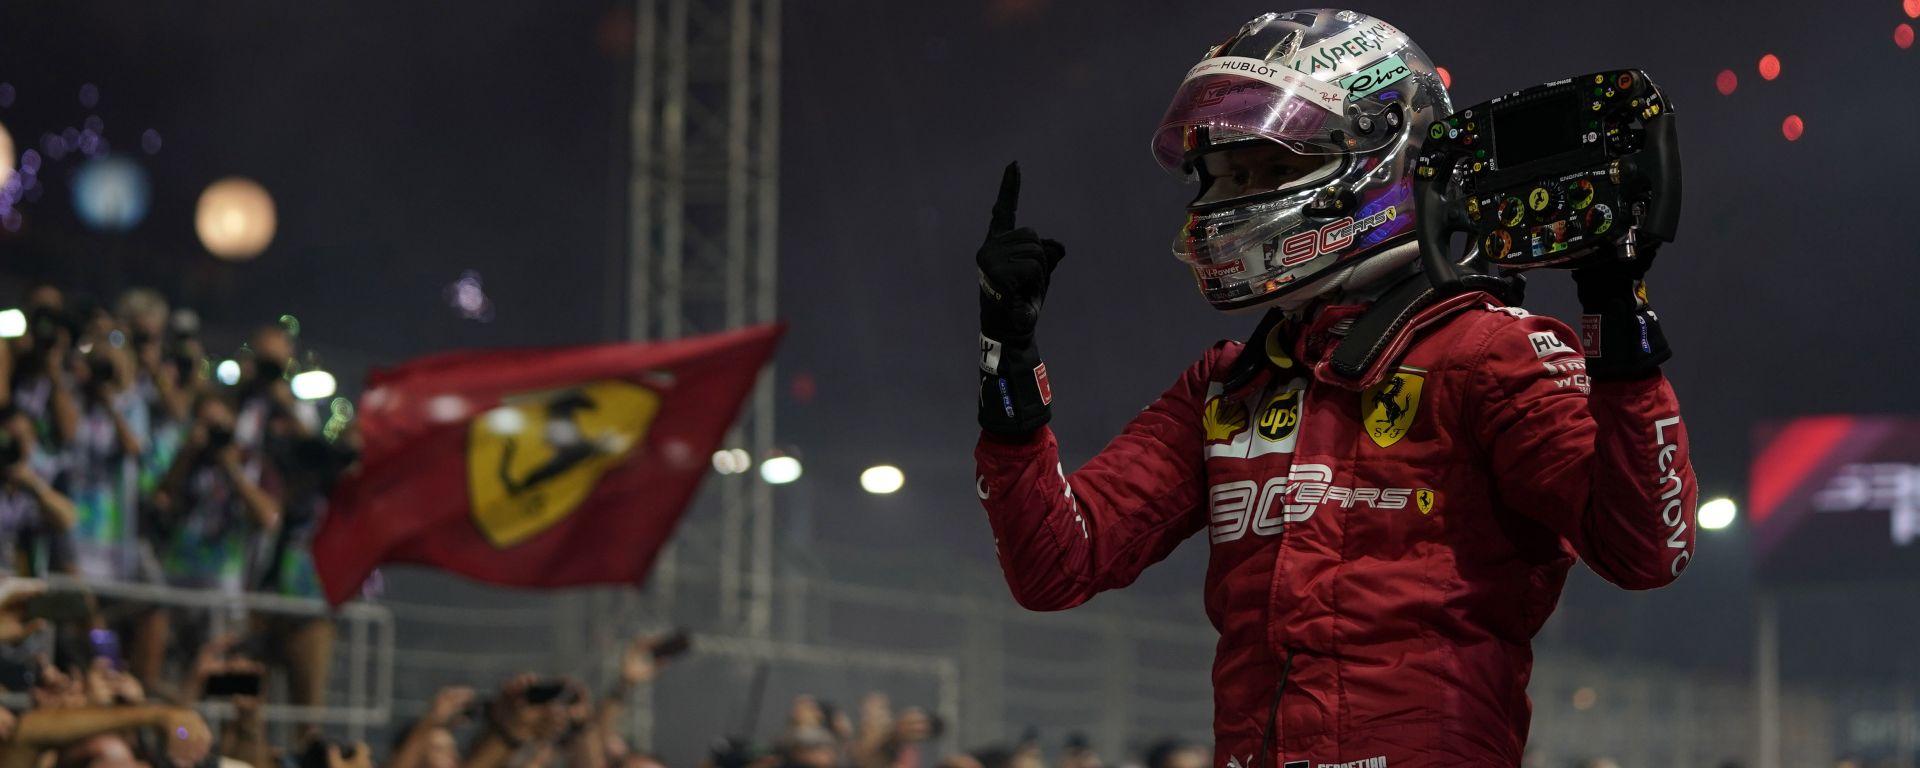 F1 GP Singapore 2019, Marina Bay: Sebastian Vettel (Ferrari) festeggia la vittoria